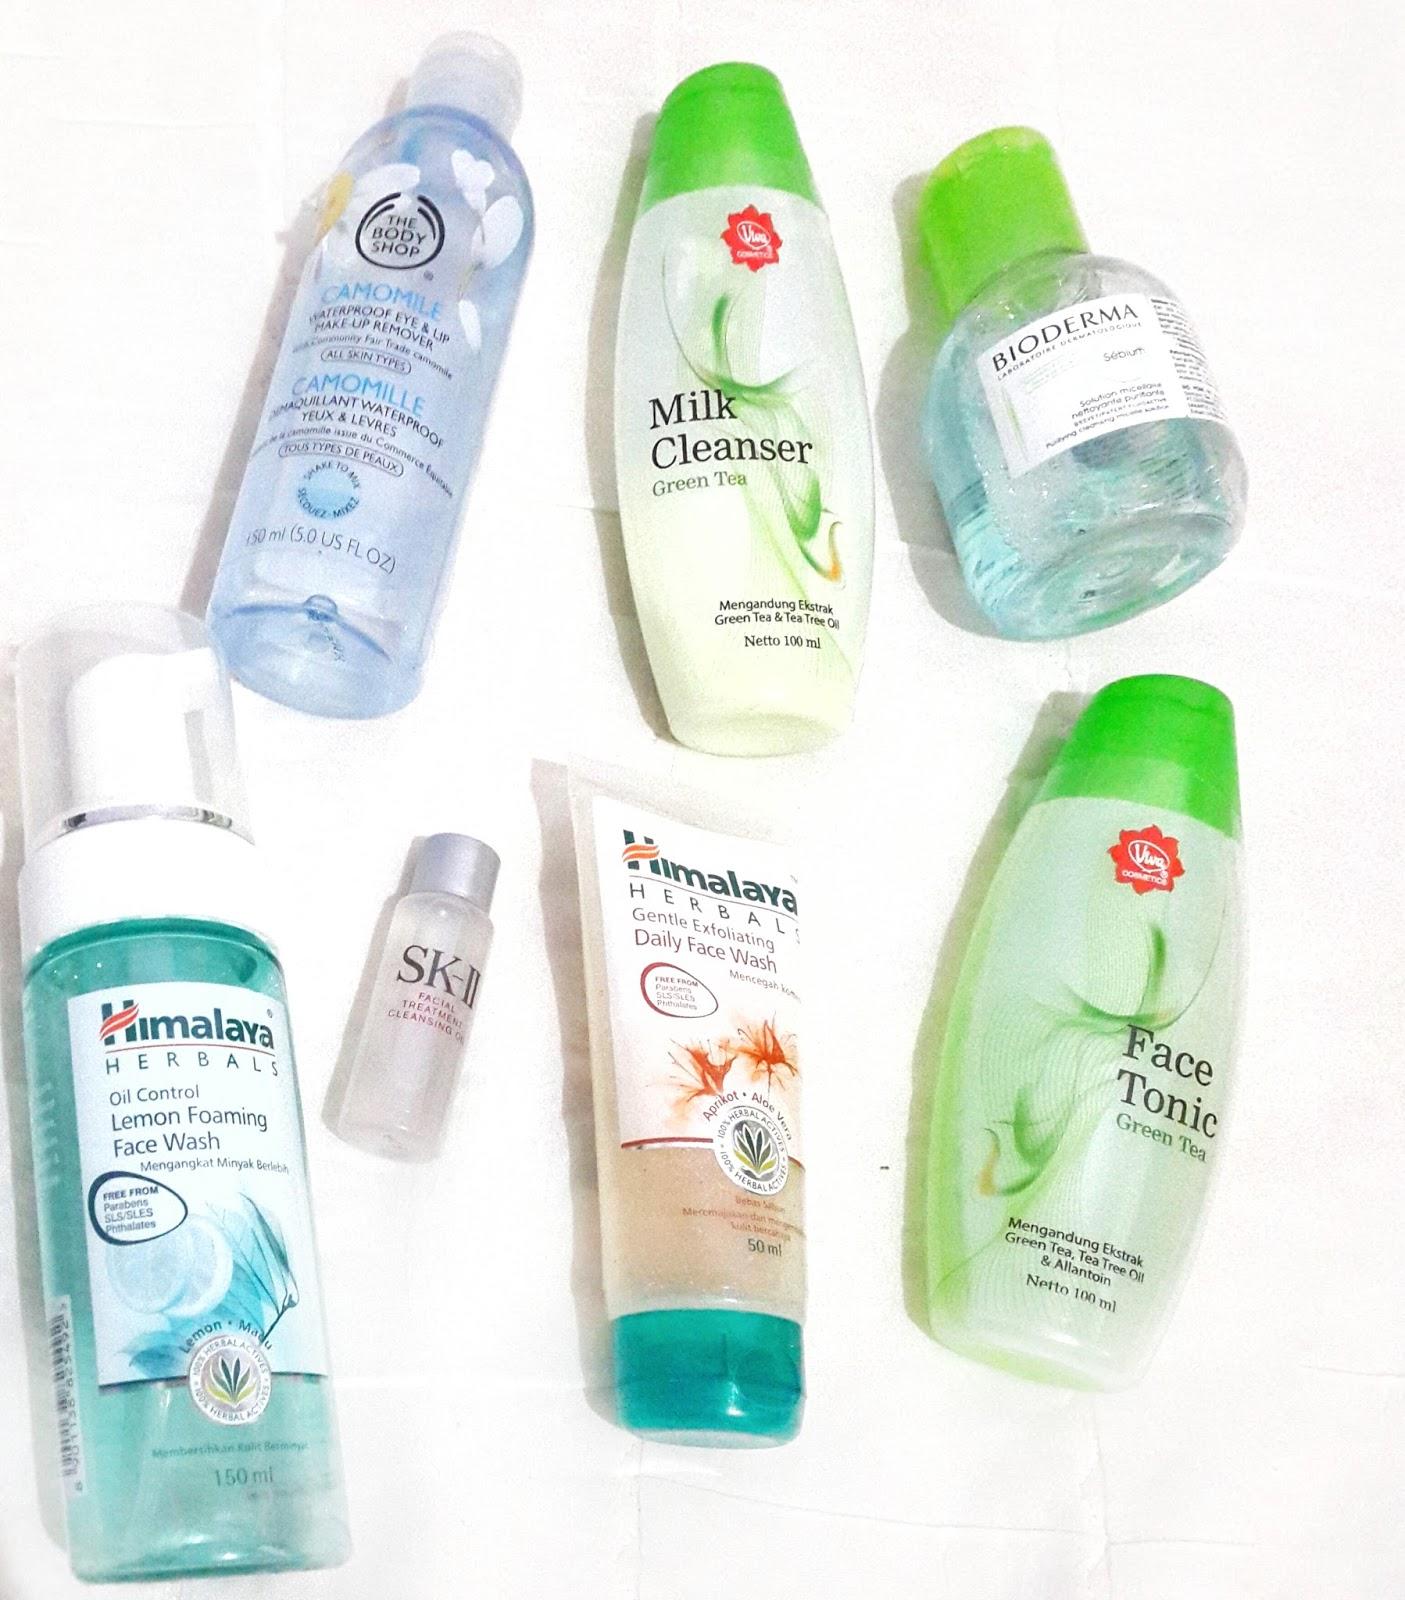 Skin Care Viva Untuk Kulit Berminyak: Produk Skin Care Yang Wajib Digunakan Wanita Usia 20an